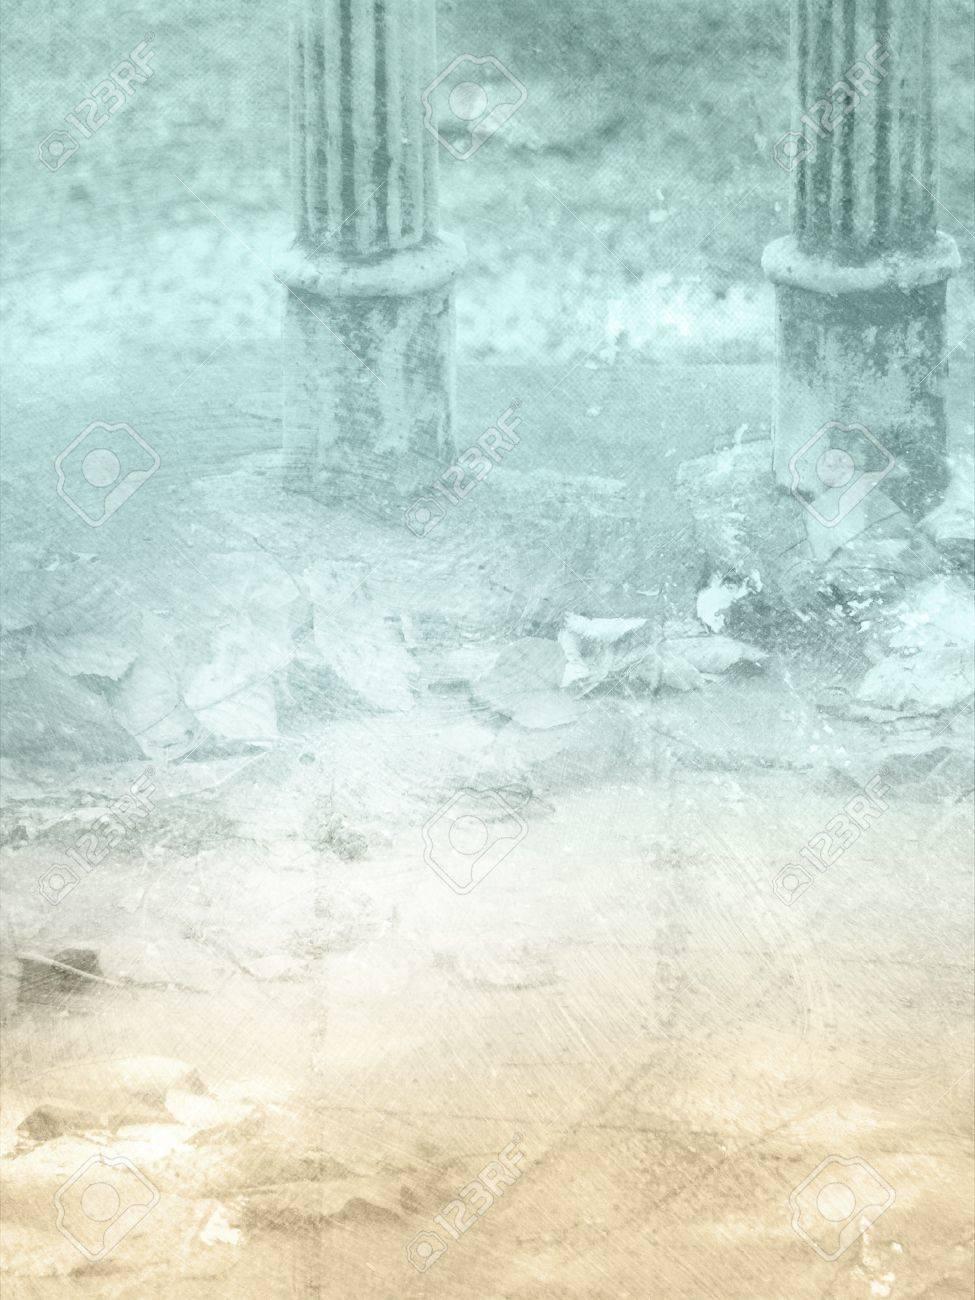 Vintage Background With Columns   Grunge Abstract Pillar Design 975x1300